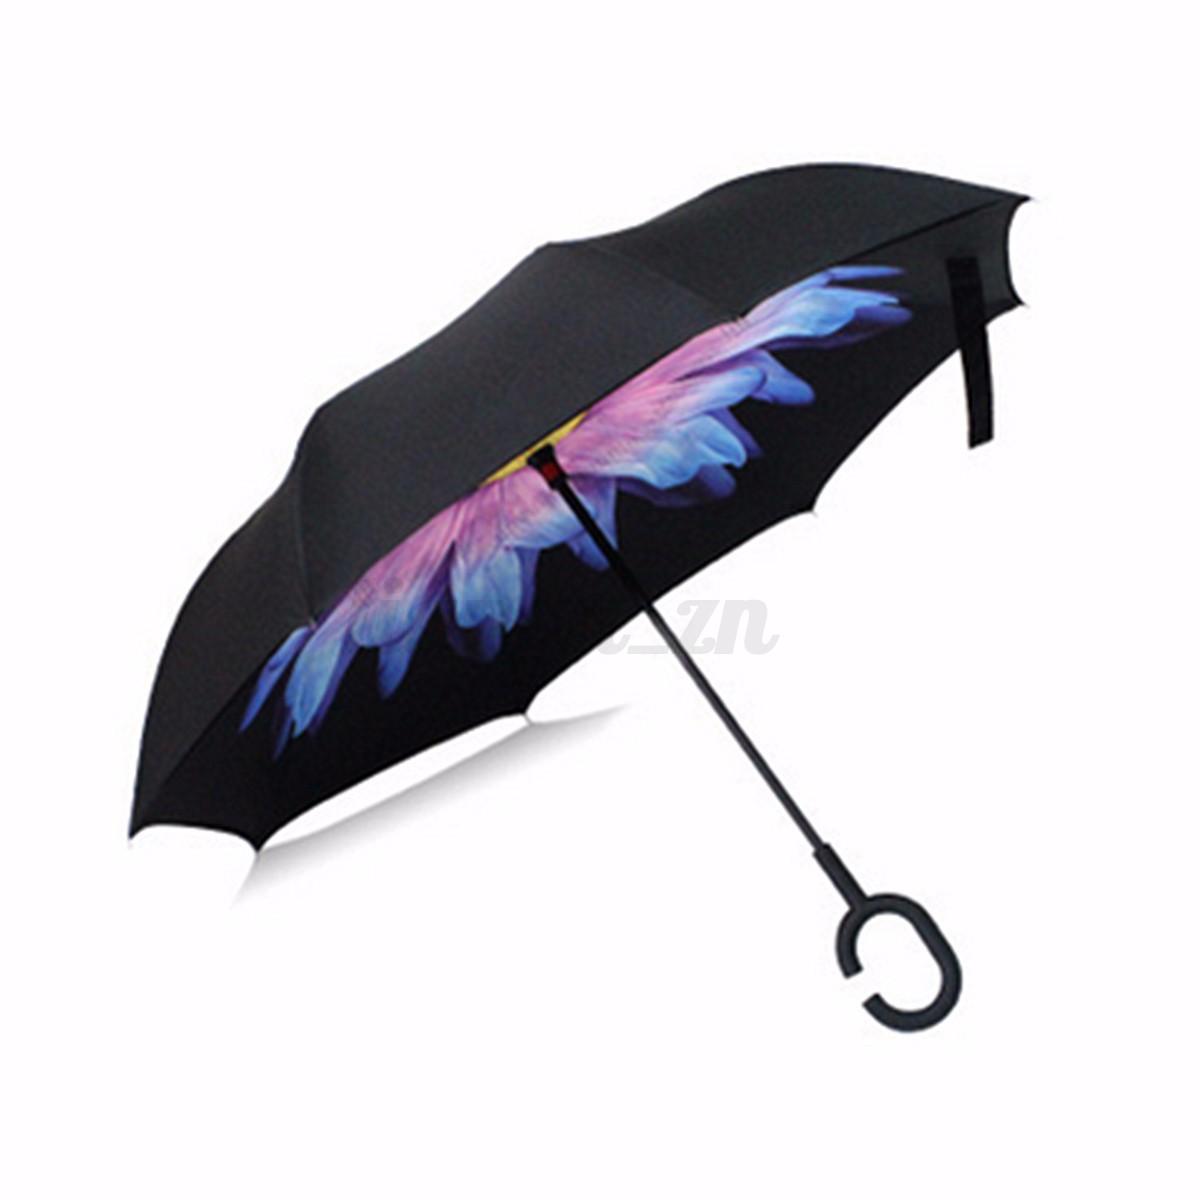 parapluie pliant automatique fleur imprim invers double soleil uv vent parasol ebay. Black Bedroom Furniture Sets. Home Design Ideas